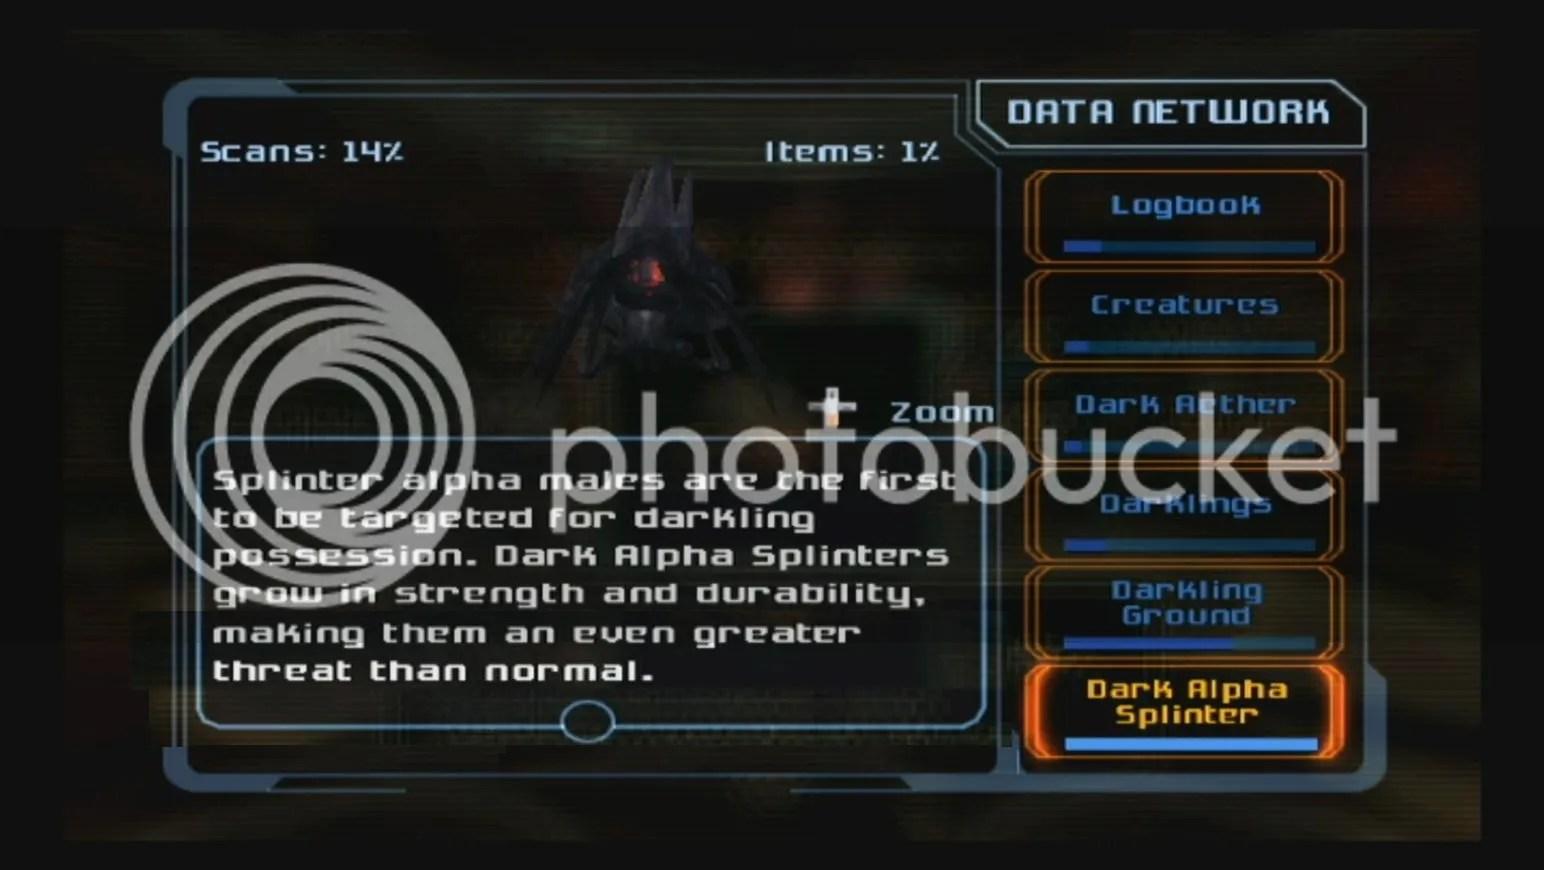 Dark Alpha Splinter